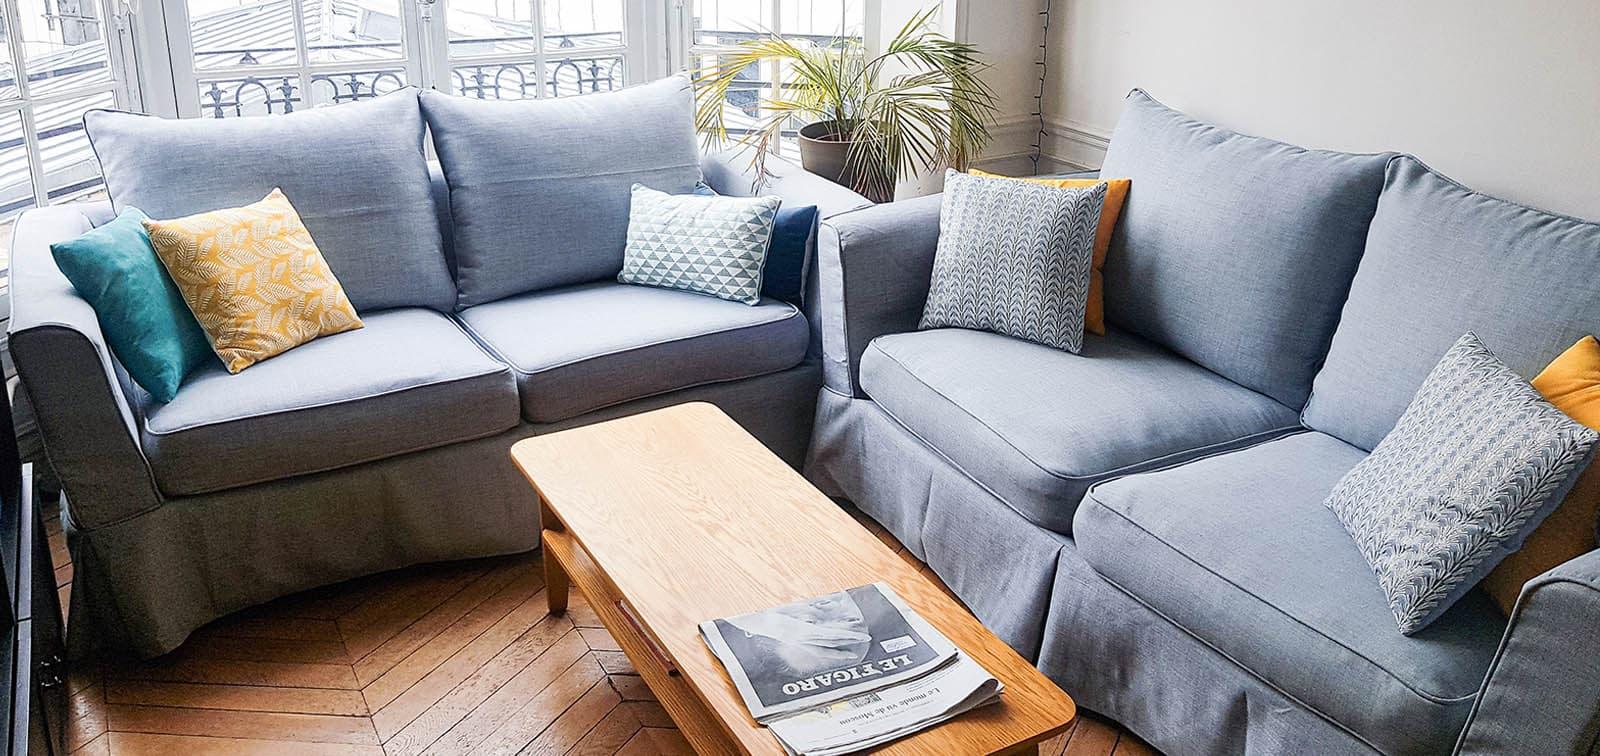 Housse De Canape Pour Mobil Home housse de canapé maisons du monde   comfort works